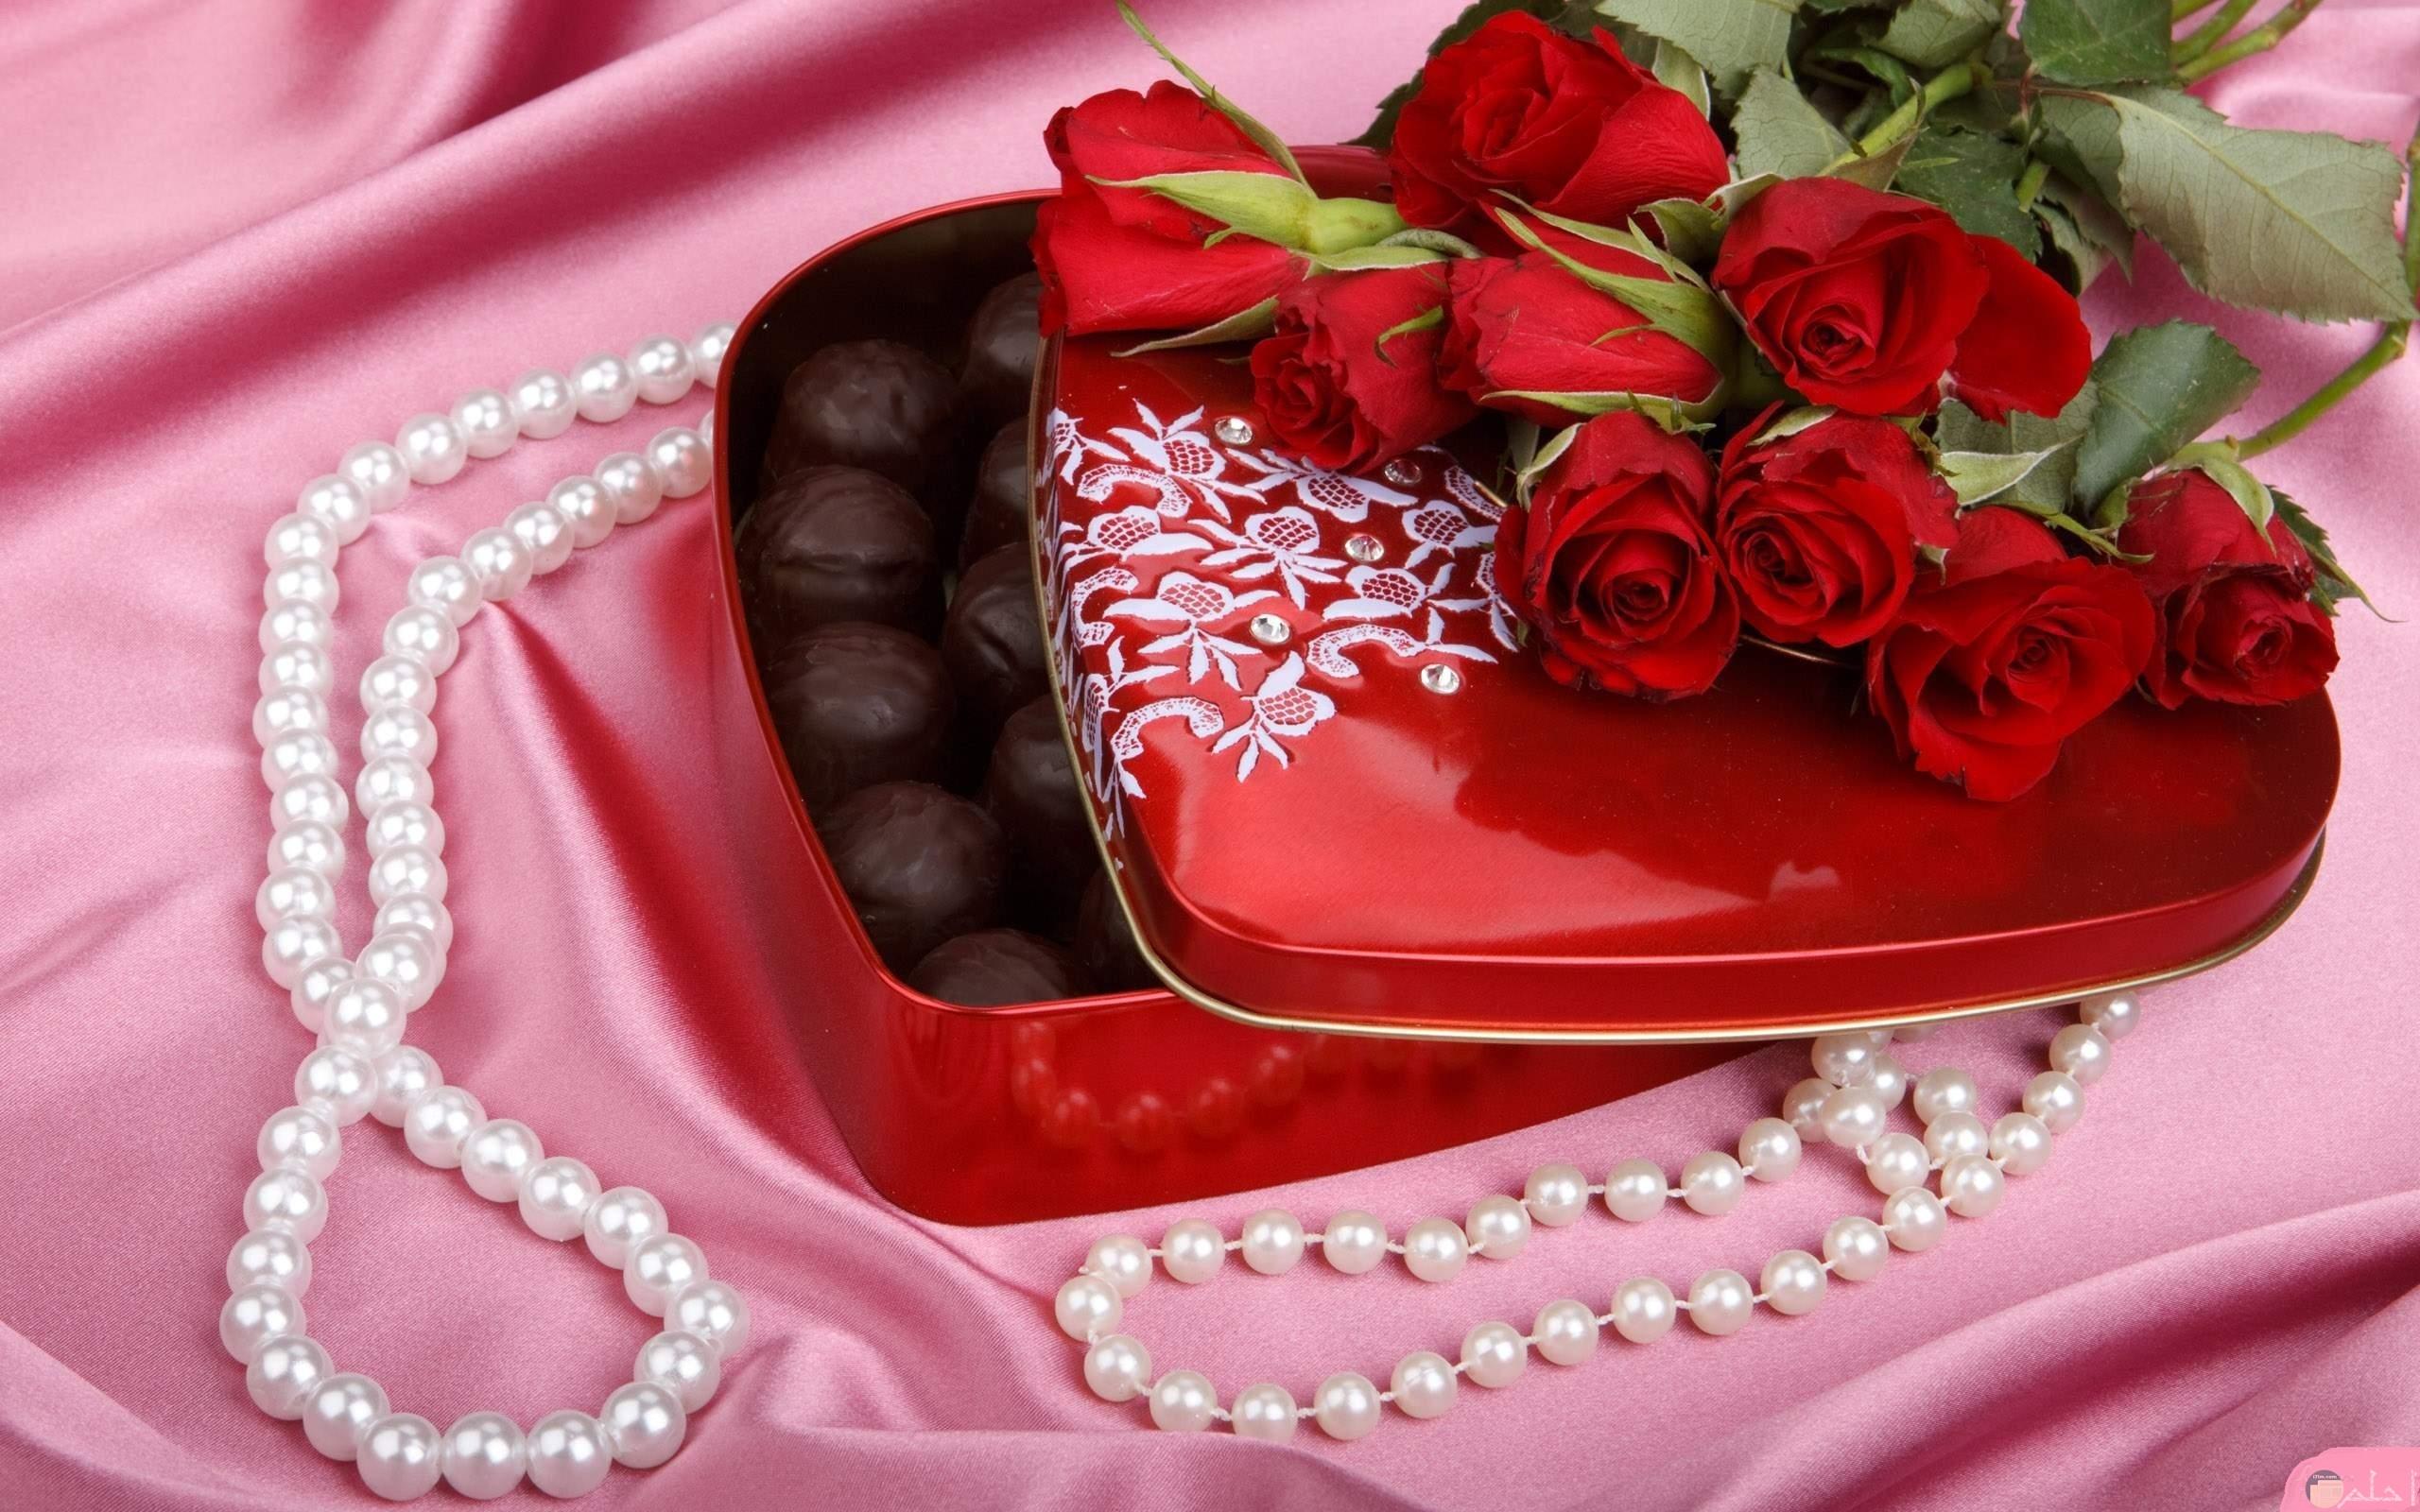 صورة تجمع سبحة الصلاة و علبة شوكولاتة جميلة.